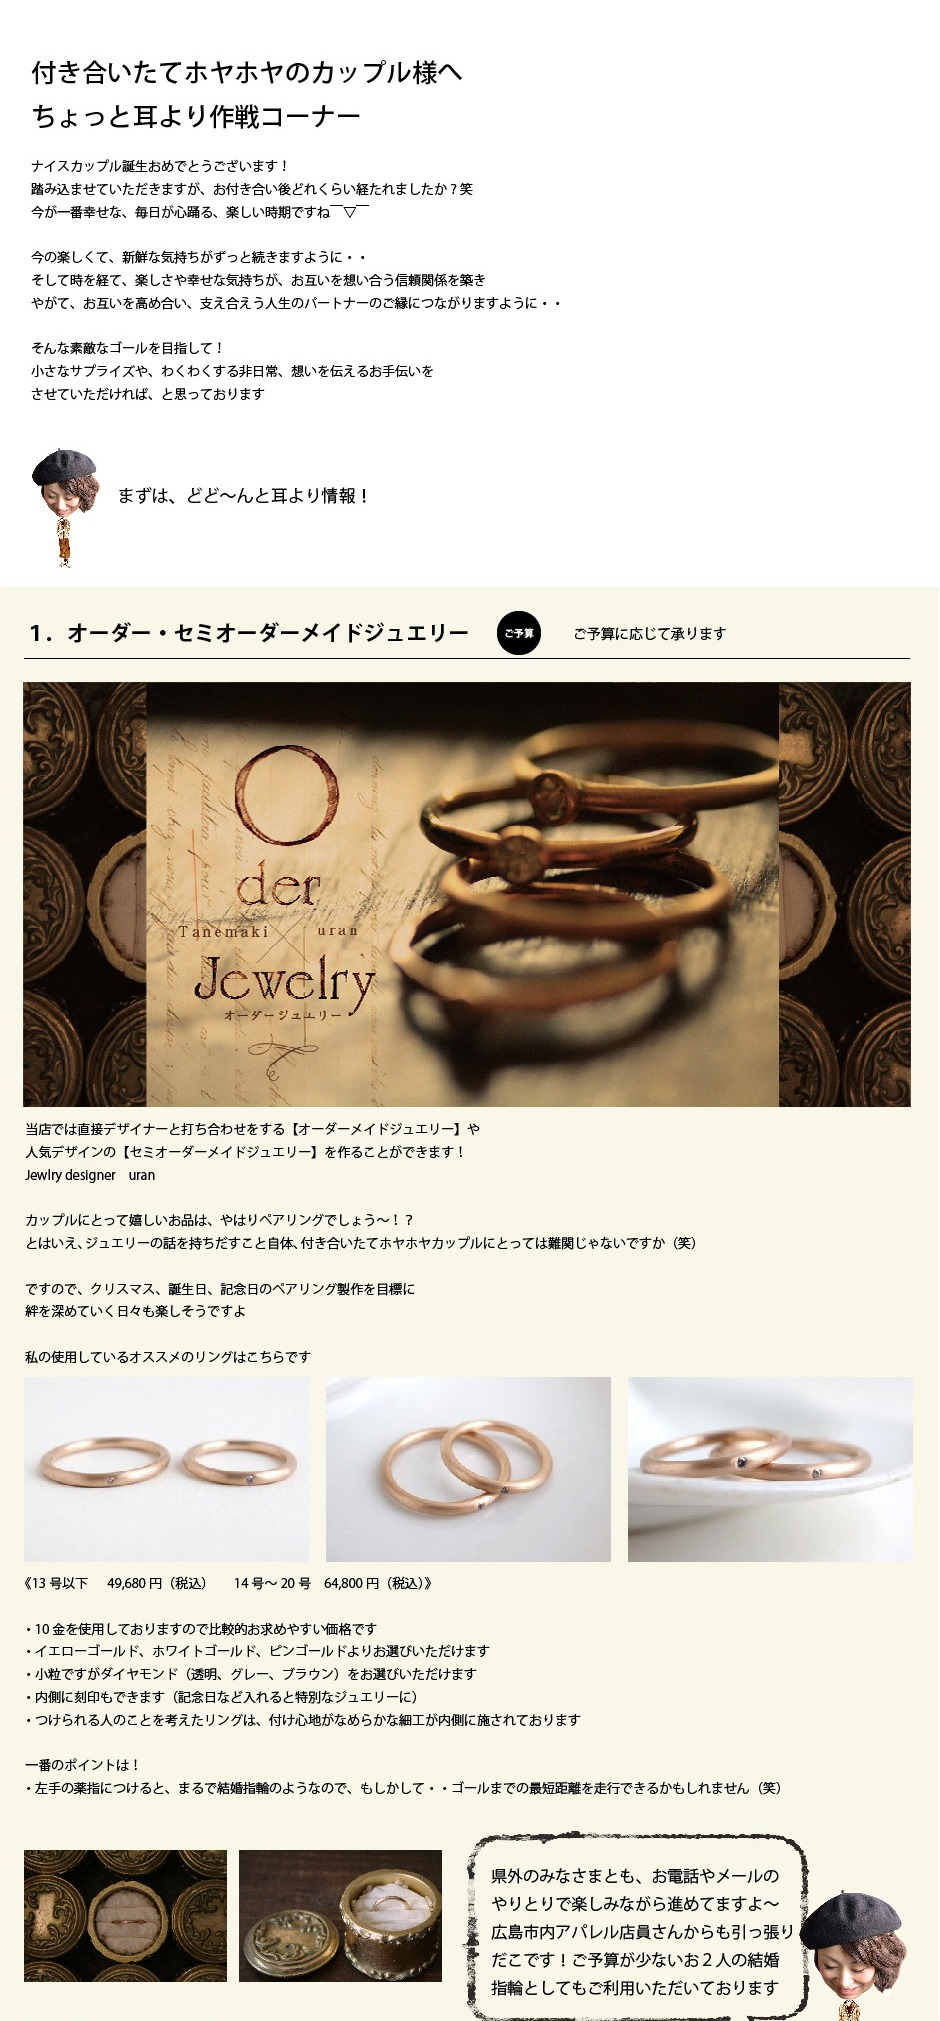 neturiba_gift_09-1-01.jpg